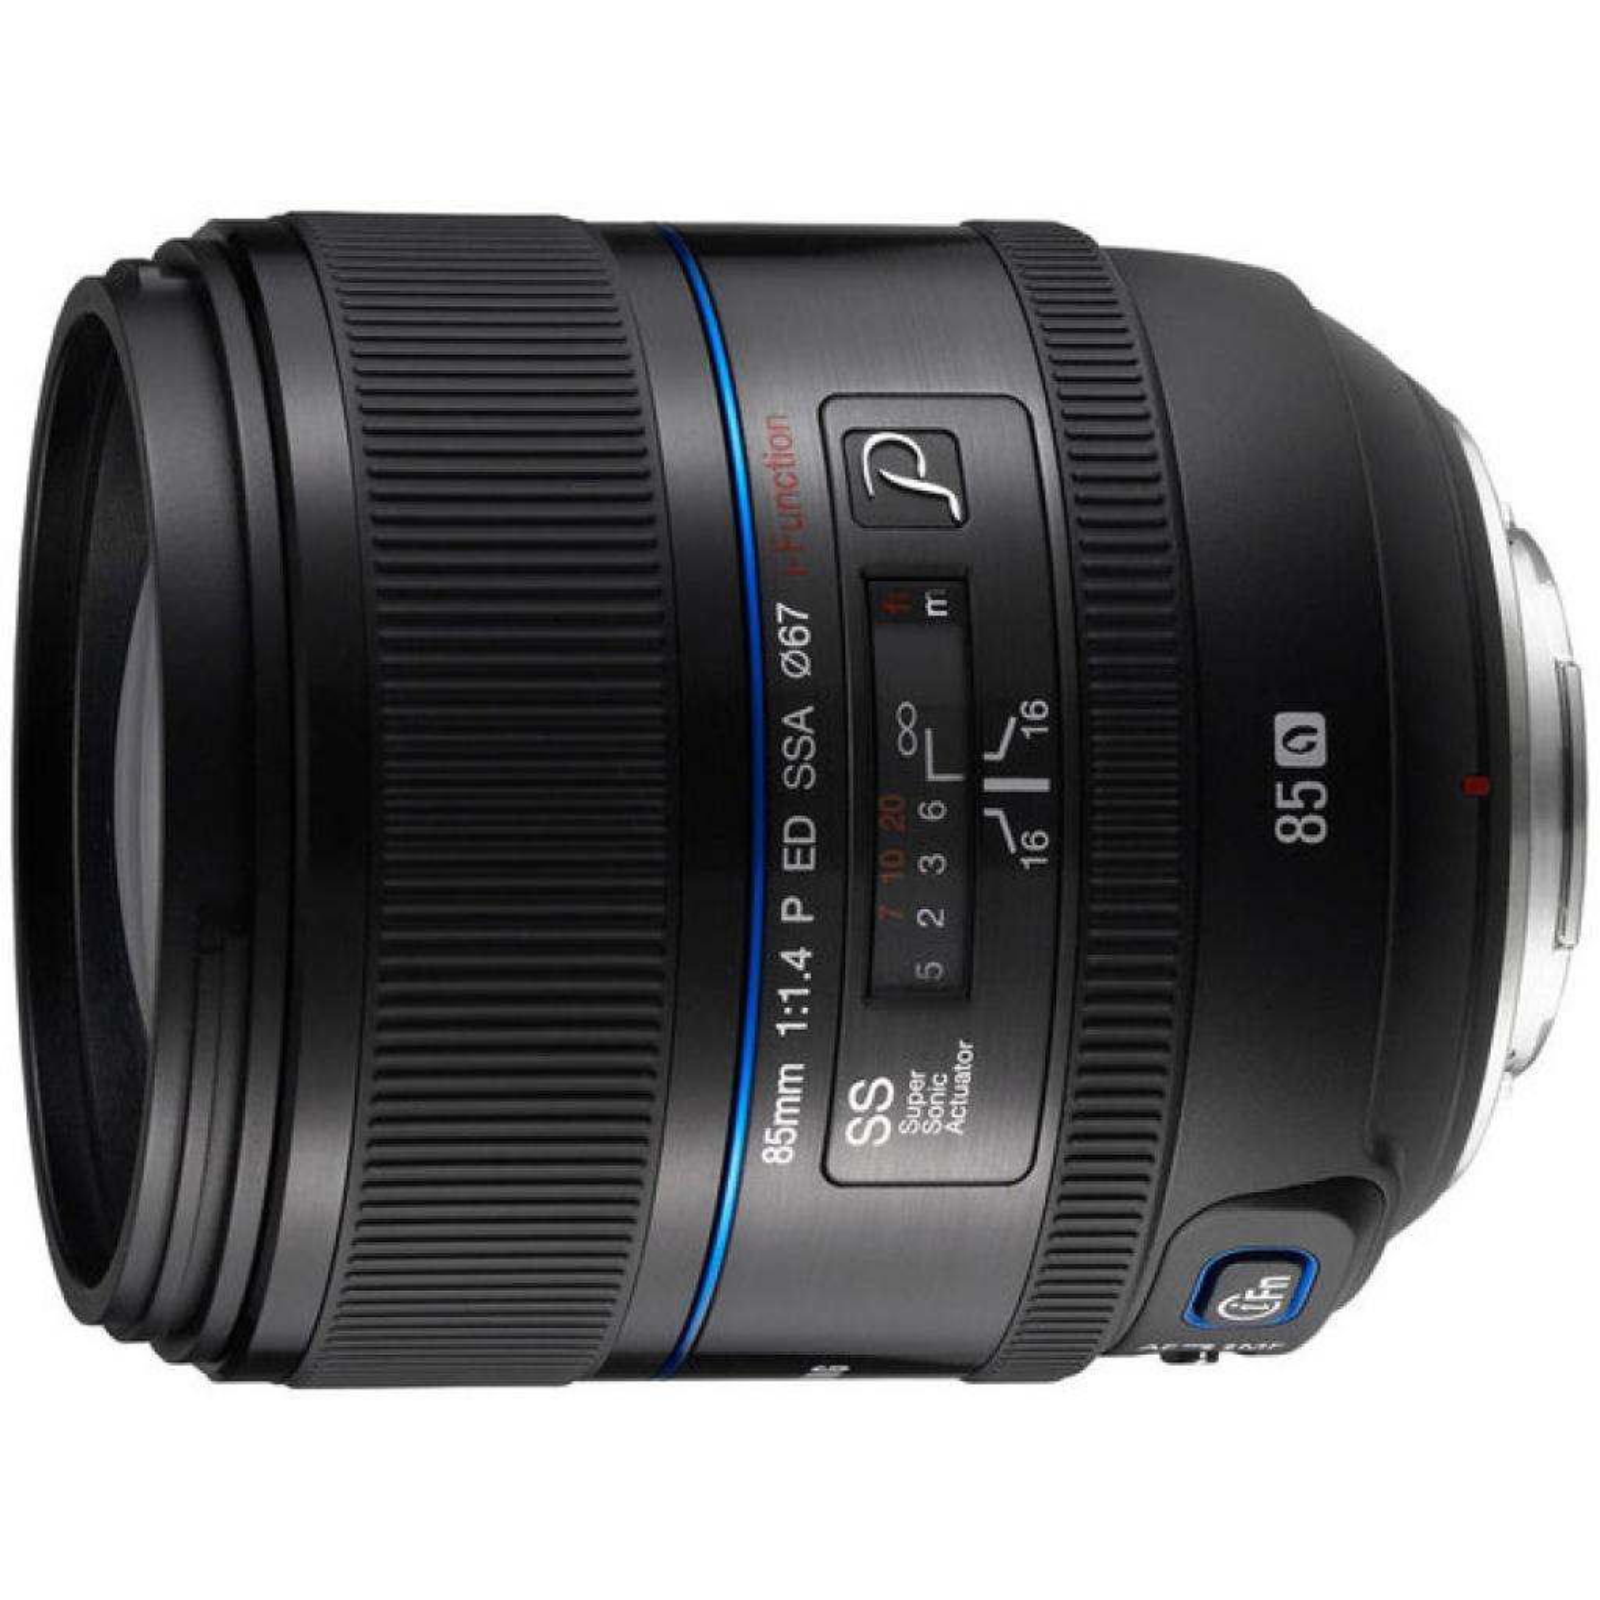 Объектив Samsung EX-T85NB 85mm F1.4 (EX-T85NB)